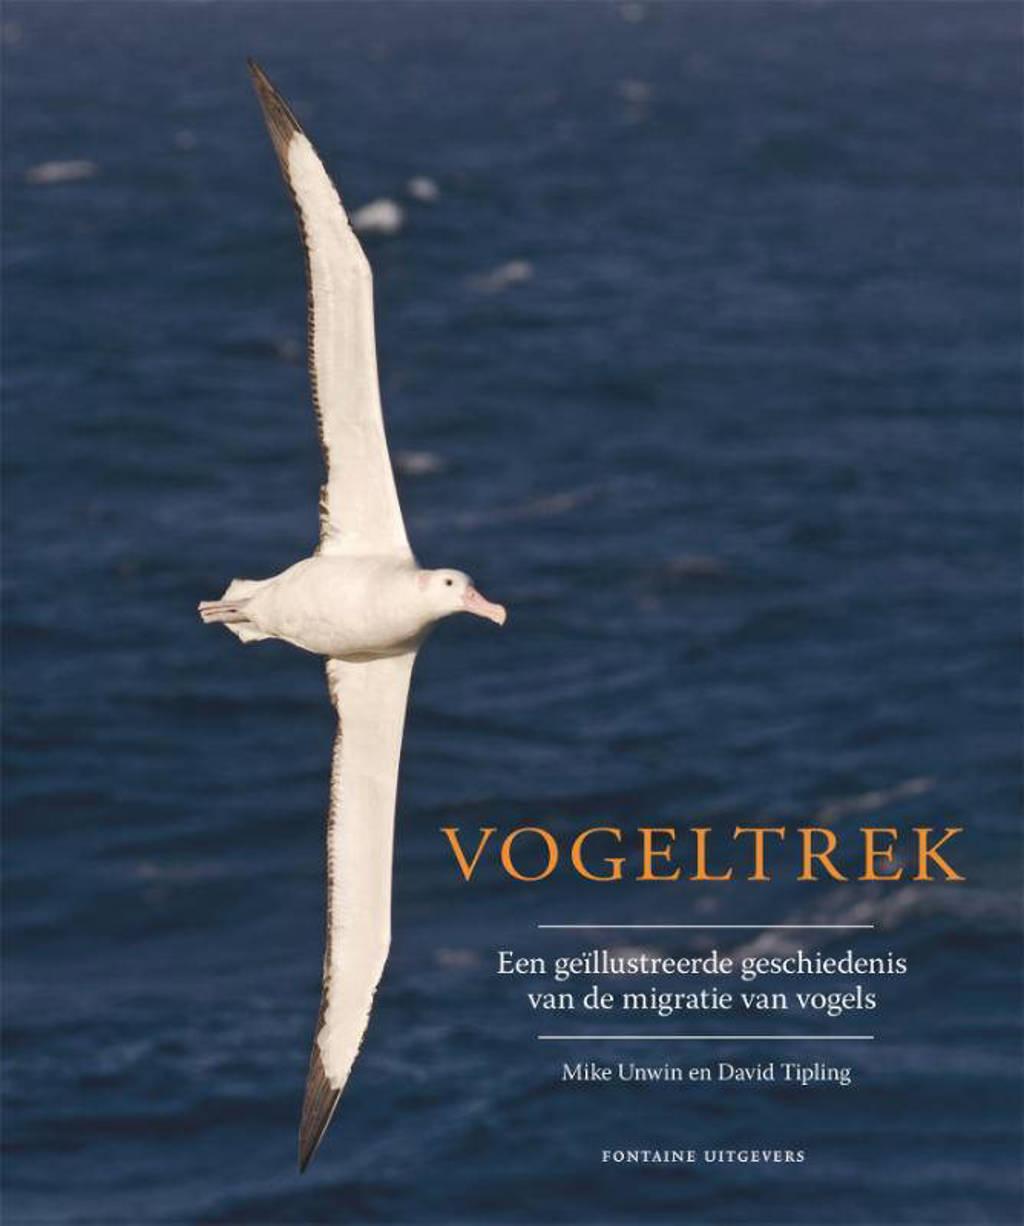 Vogeltrek - Mike Unwin en David Tipling